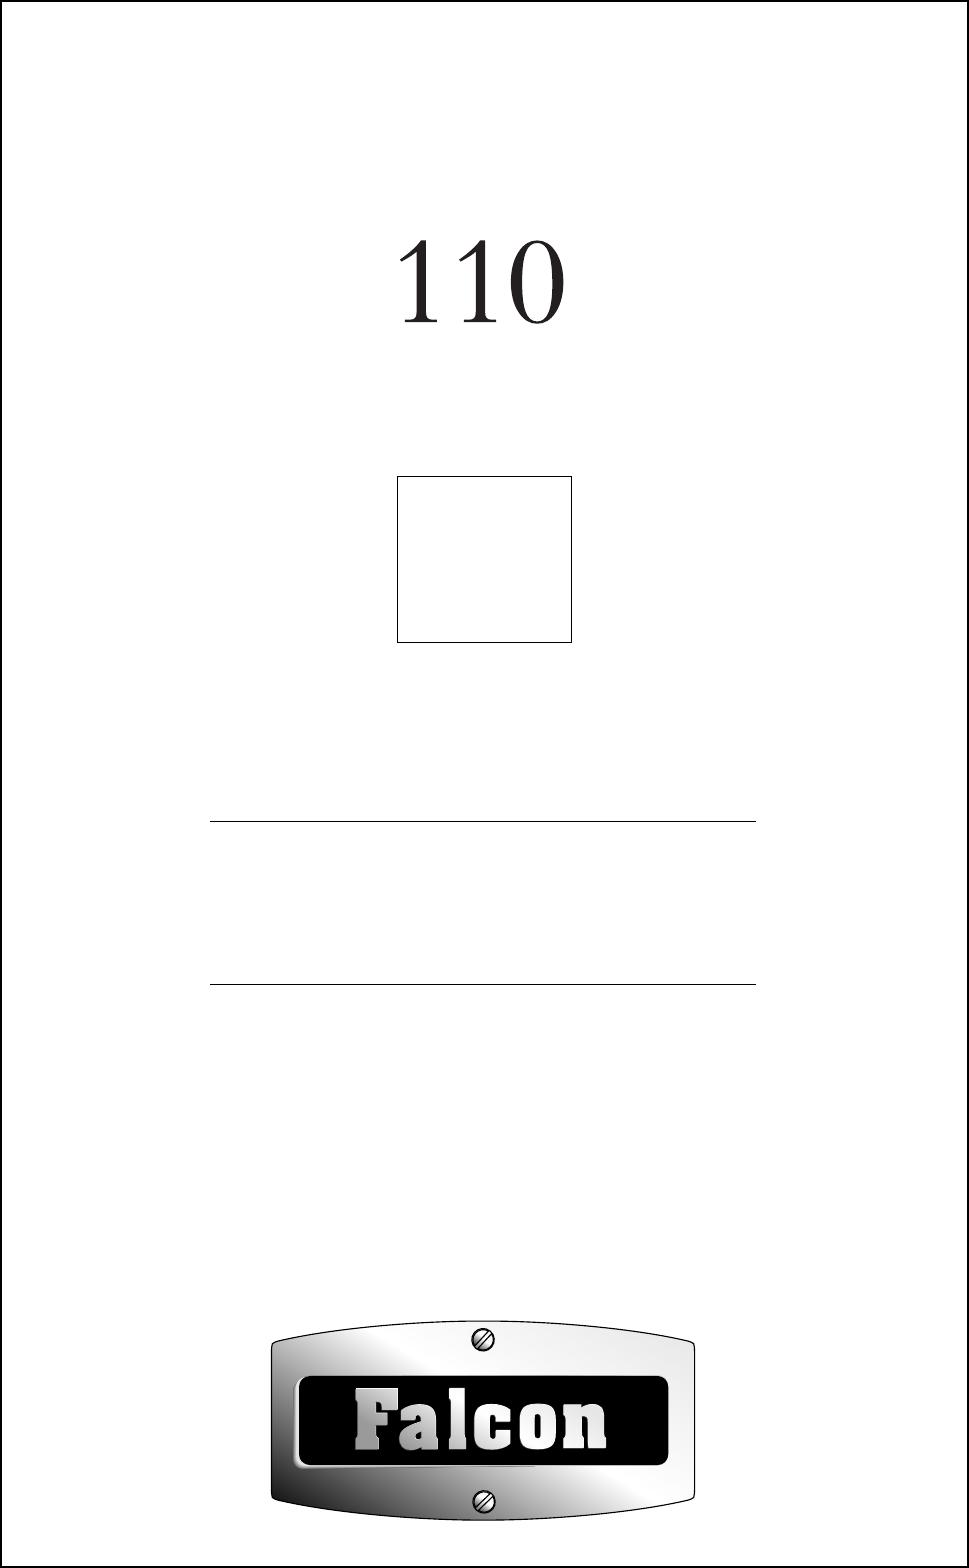 Handleiding Falcon Excel 110 (pagina 1 van 60) (Deutsch, English)